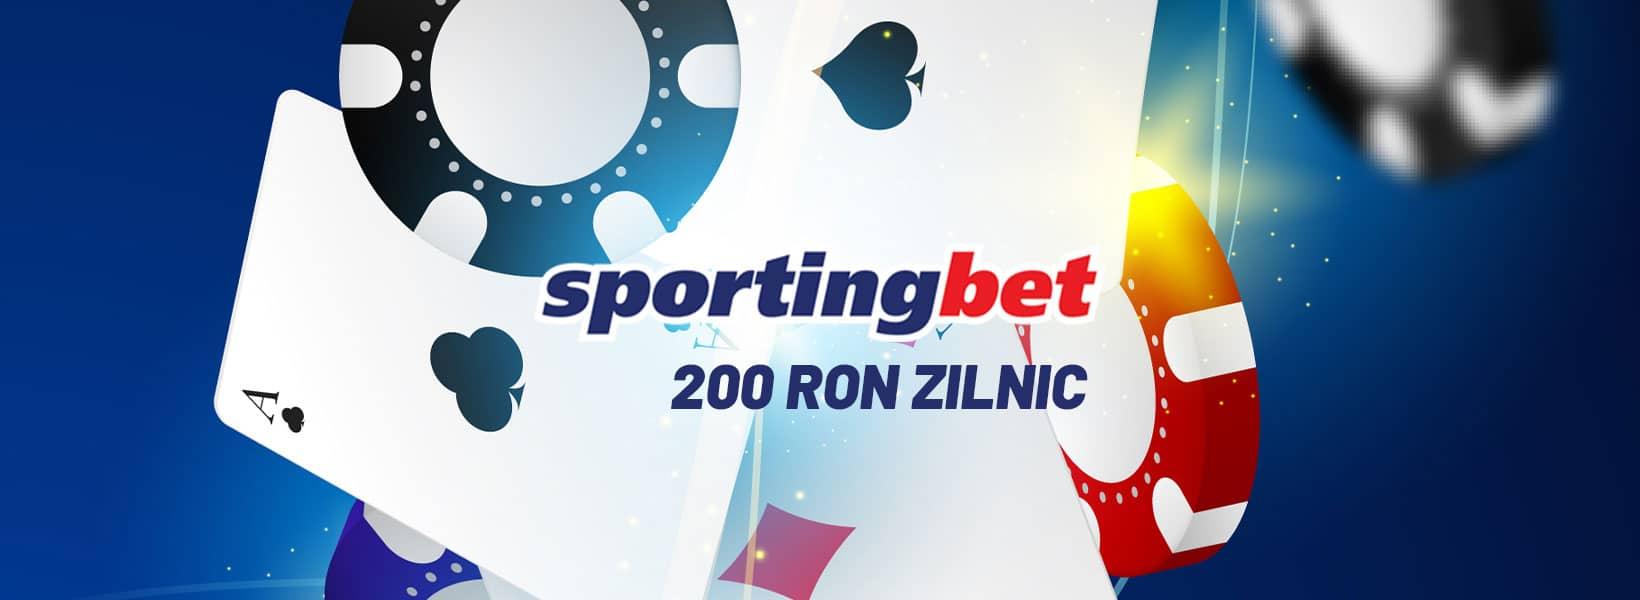 200 ron sportingbet bonus